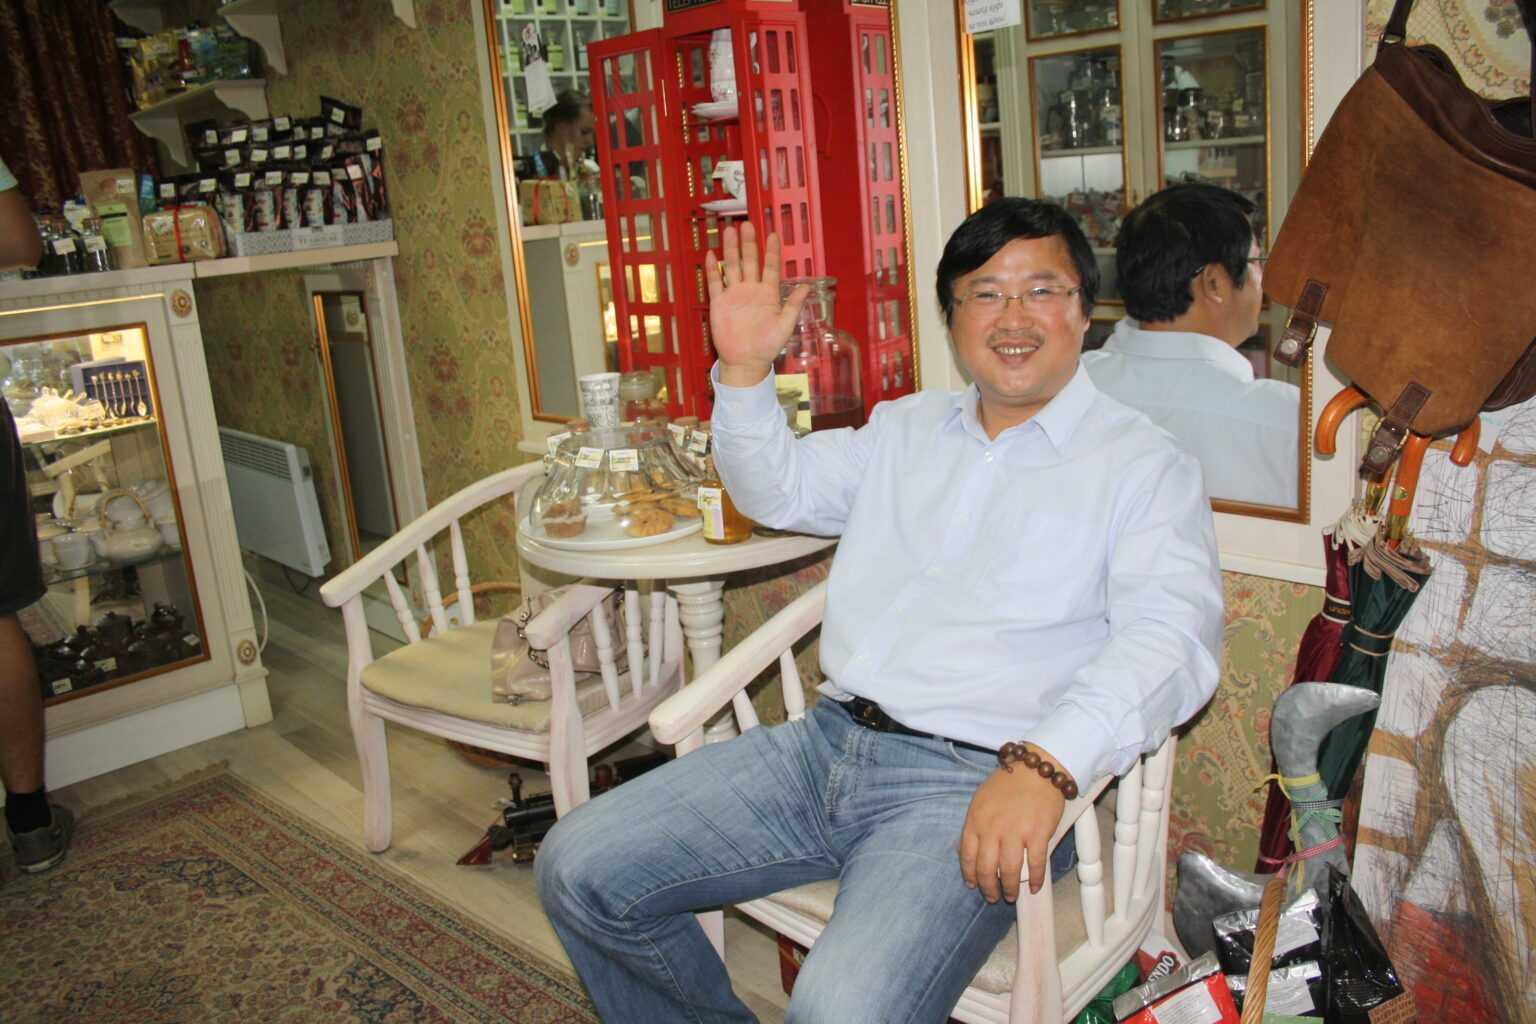 О китайских подделках, правилах хранения чая и многом другом